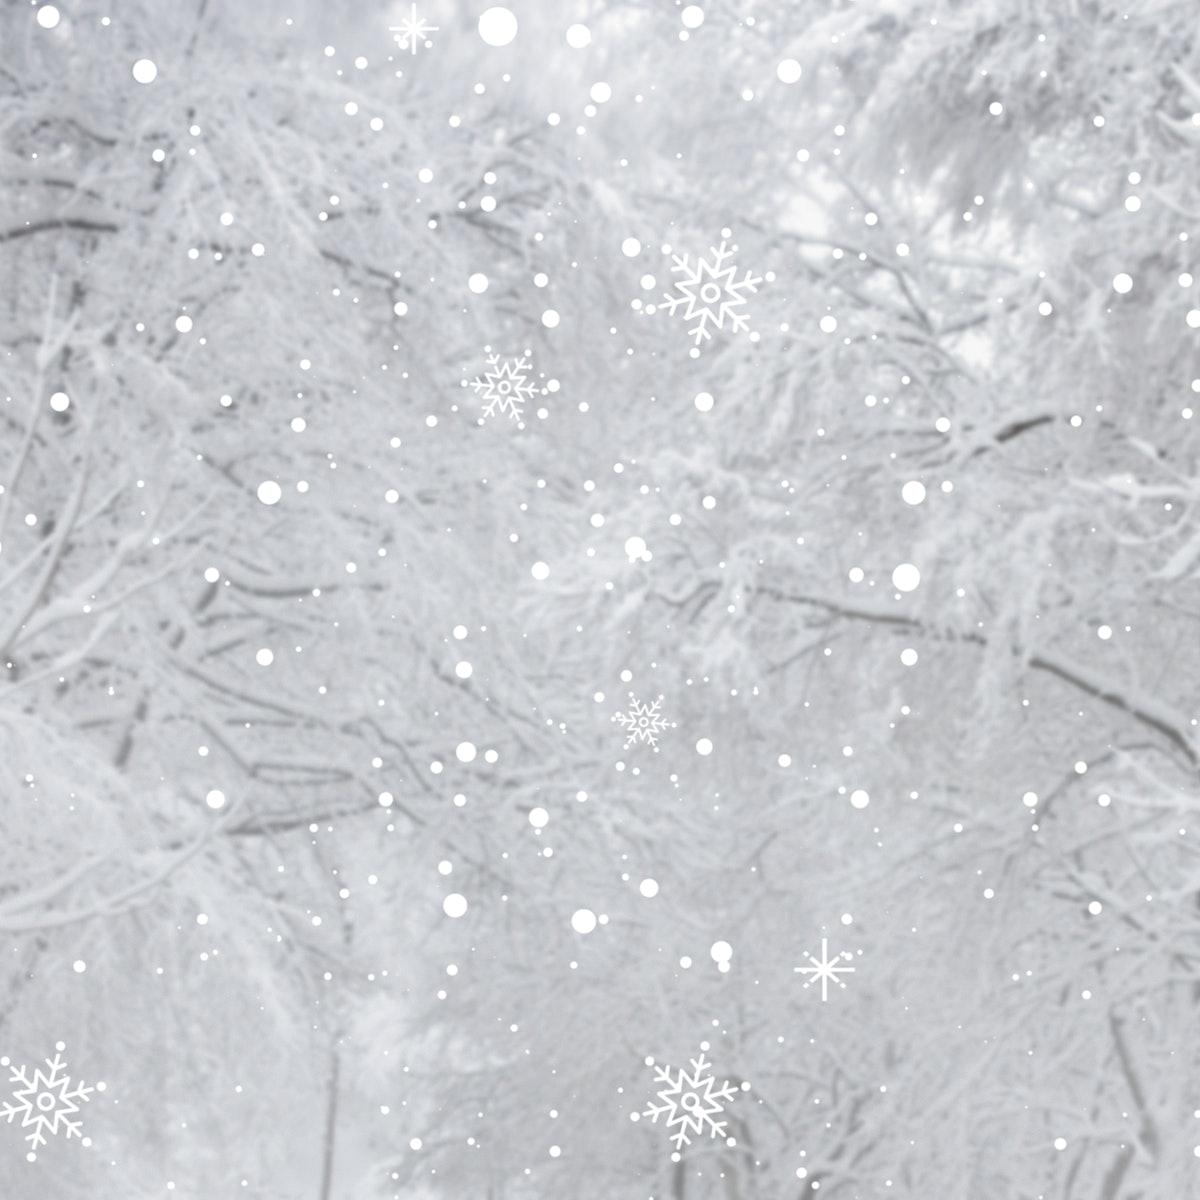 White snowy pine branch background